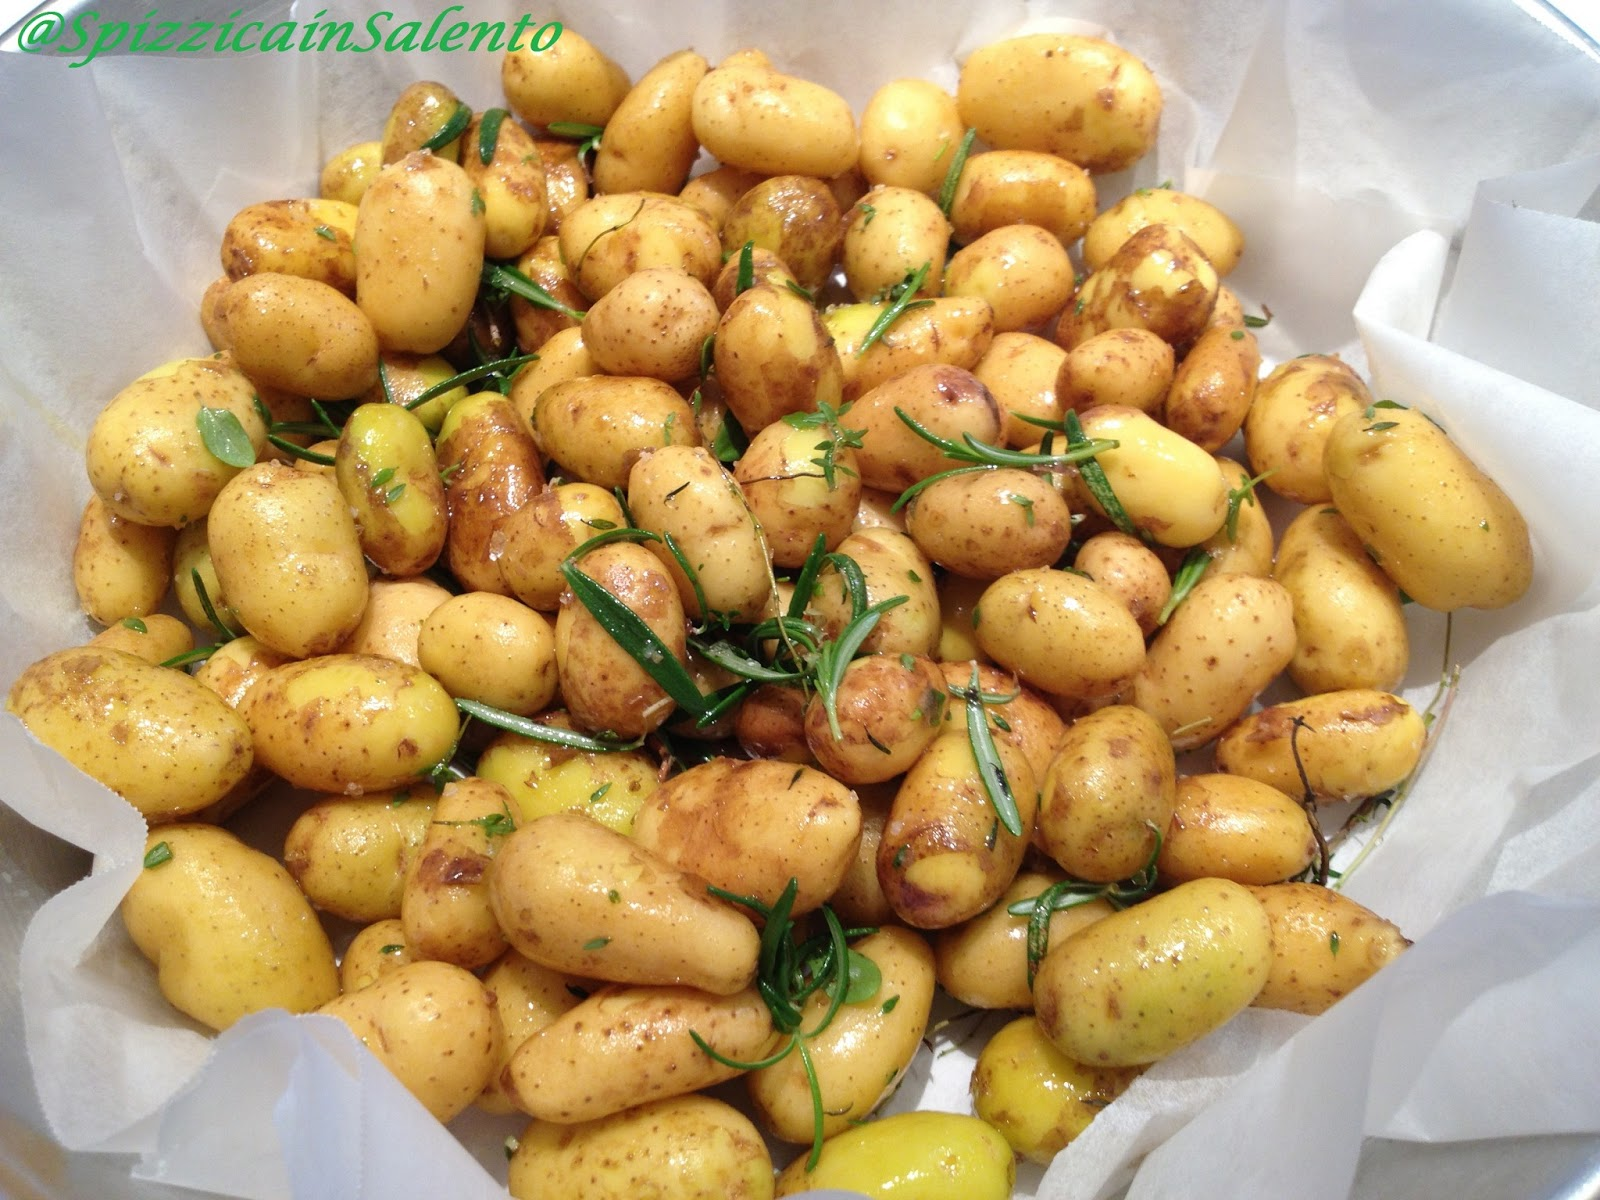 Spizzica in salento pommes de terre baby sieglinde au four aigres douces fr - Pomme de terre au four papier alu ...